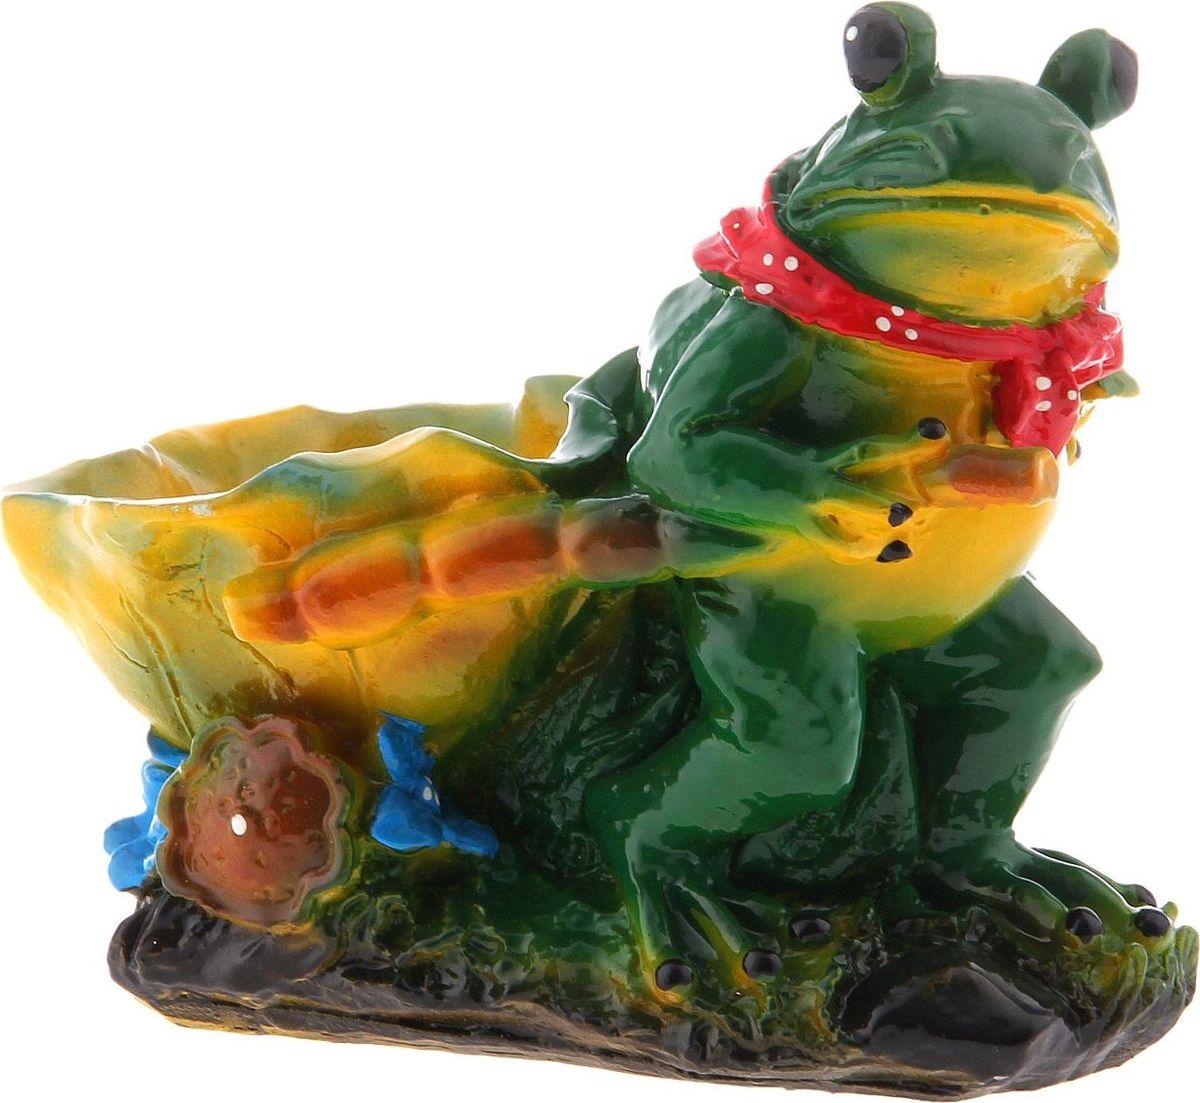 Кашпо Лягушка с лилией, 13 х 19 х 19,5 см728517Комнатные растения — всеобщие любимцы. Они радуют глаз, насыщают помещение кислородом и украшают пространство. Каждому из растений необходим свой удобный и красивый дом. Поселите зелёного питомца в яркое и оригинальное фигурное кашпо. Выберите подходящую форму для детской, спальни, гостиной, балкона, офиса или террасы. #name# позаботится о растении, украсит окружающее пространство и подчеркнёт его оригинальный стиль.